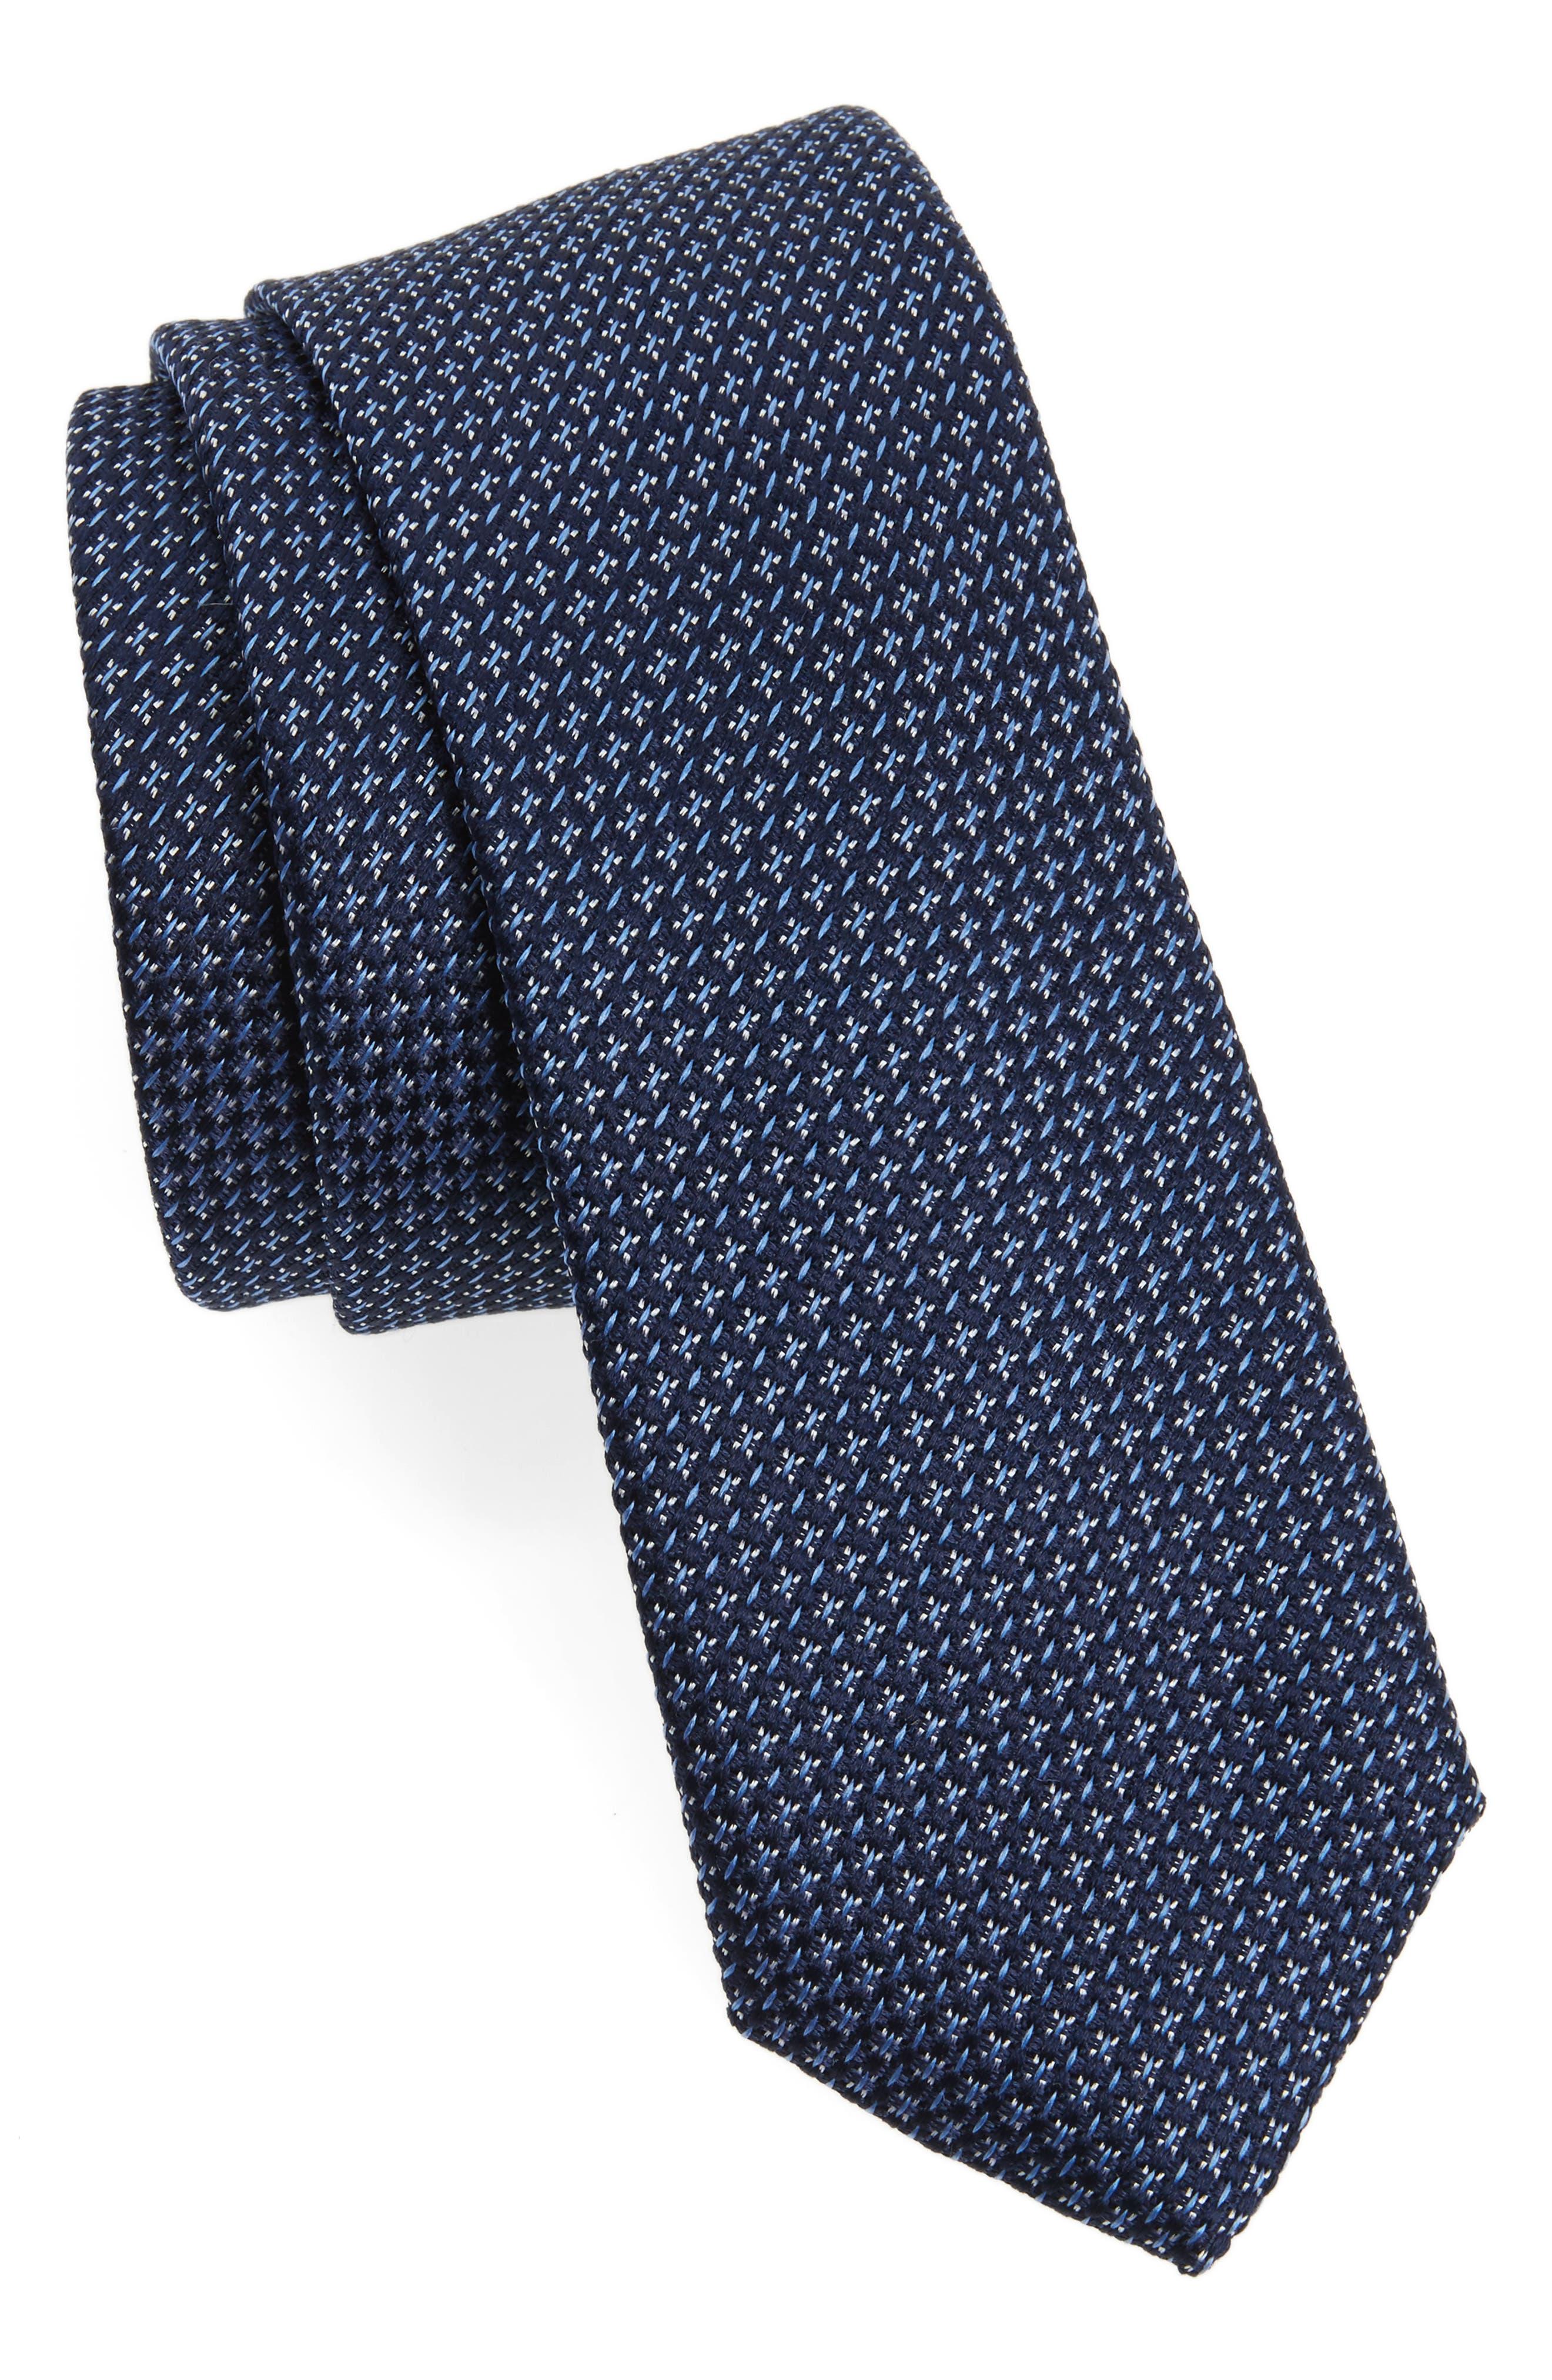 Knitex Solid Silk Tie,                         Main,                         color, Navy